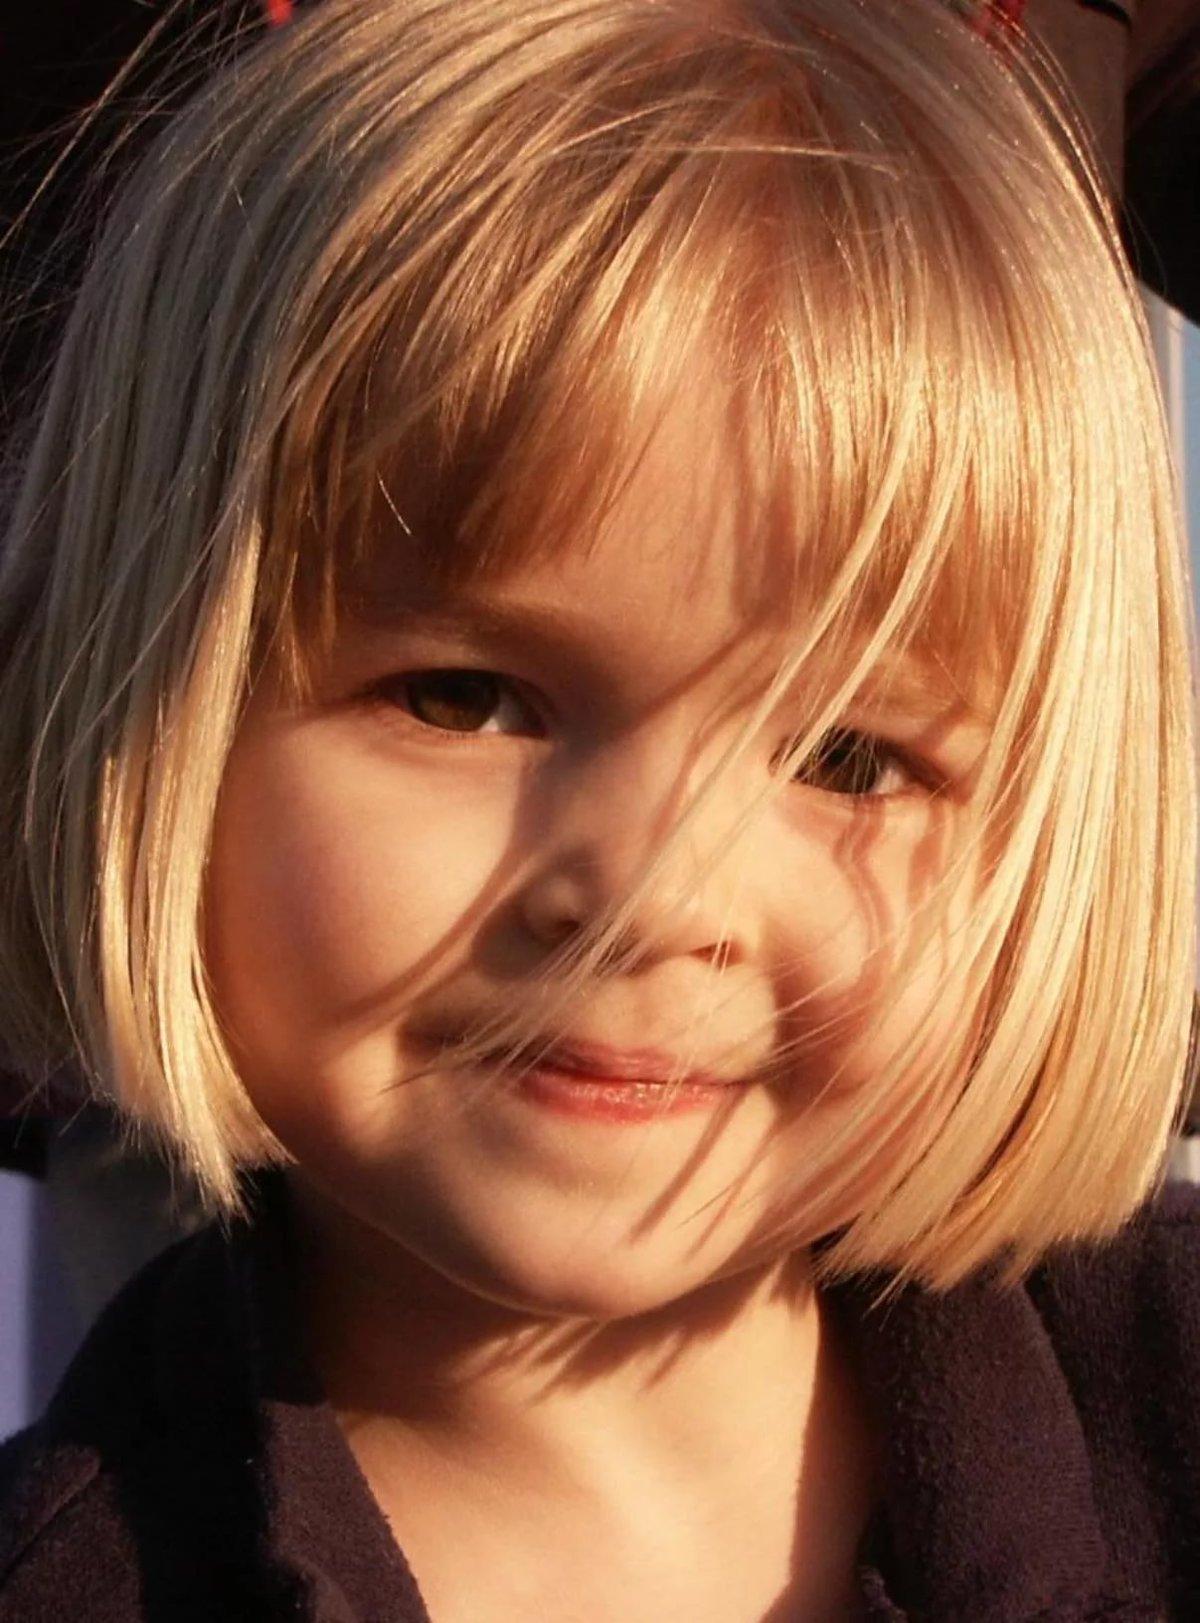 Прически для 13 летних девочек с короткими волосами